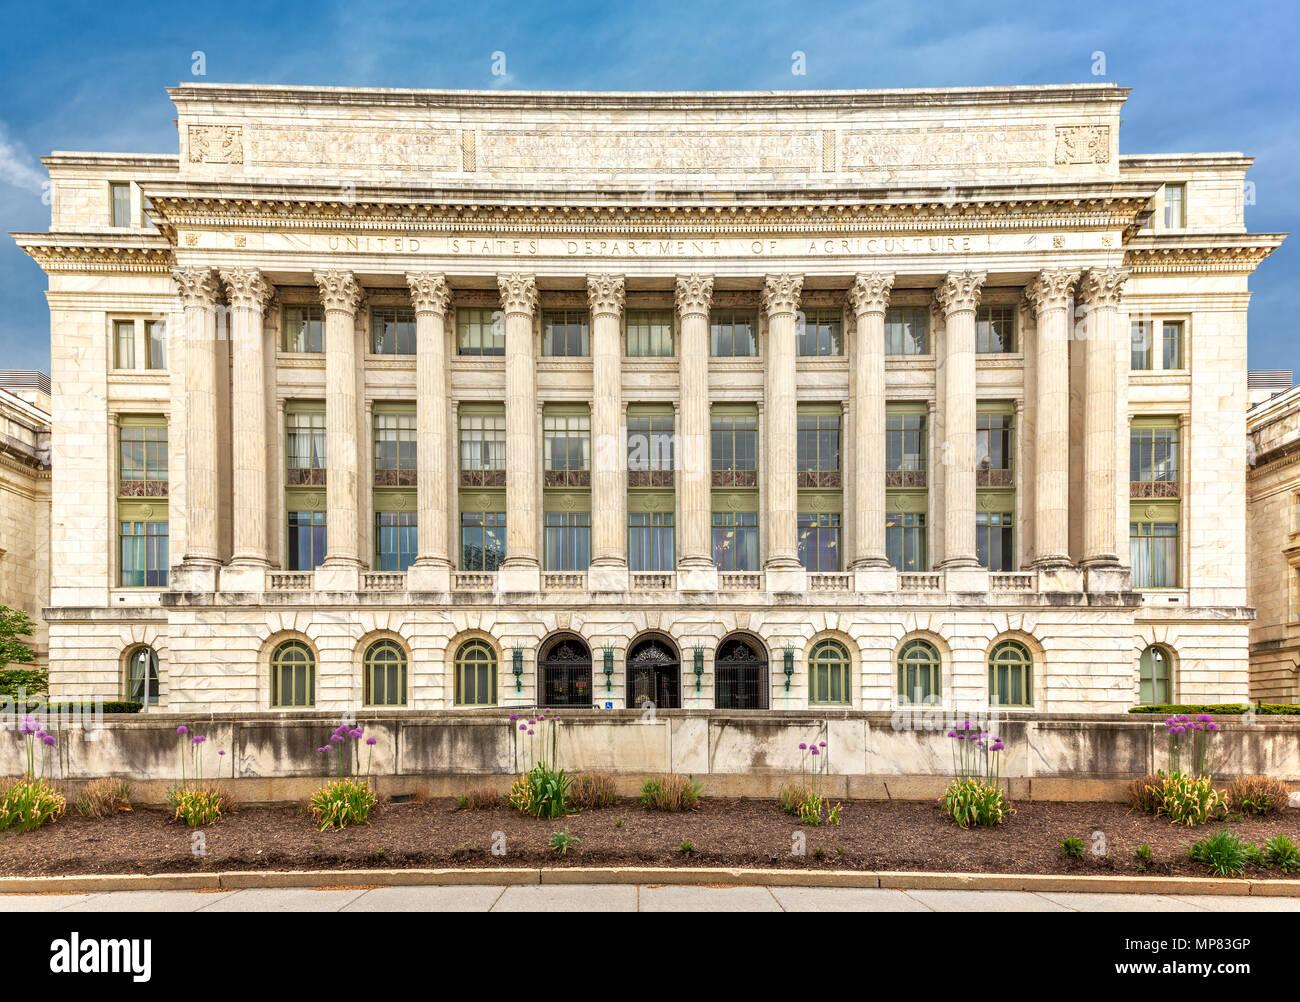 Il dipartimento statunitense dell'agricoltura edificio (aka il Jamie L. Whitten) in Washington DC. Immagini Stock